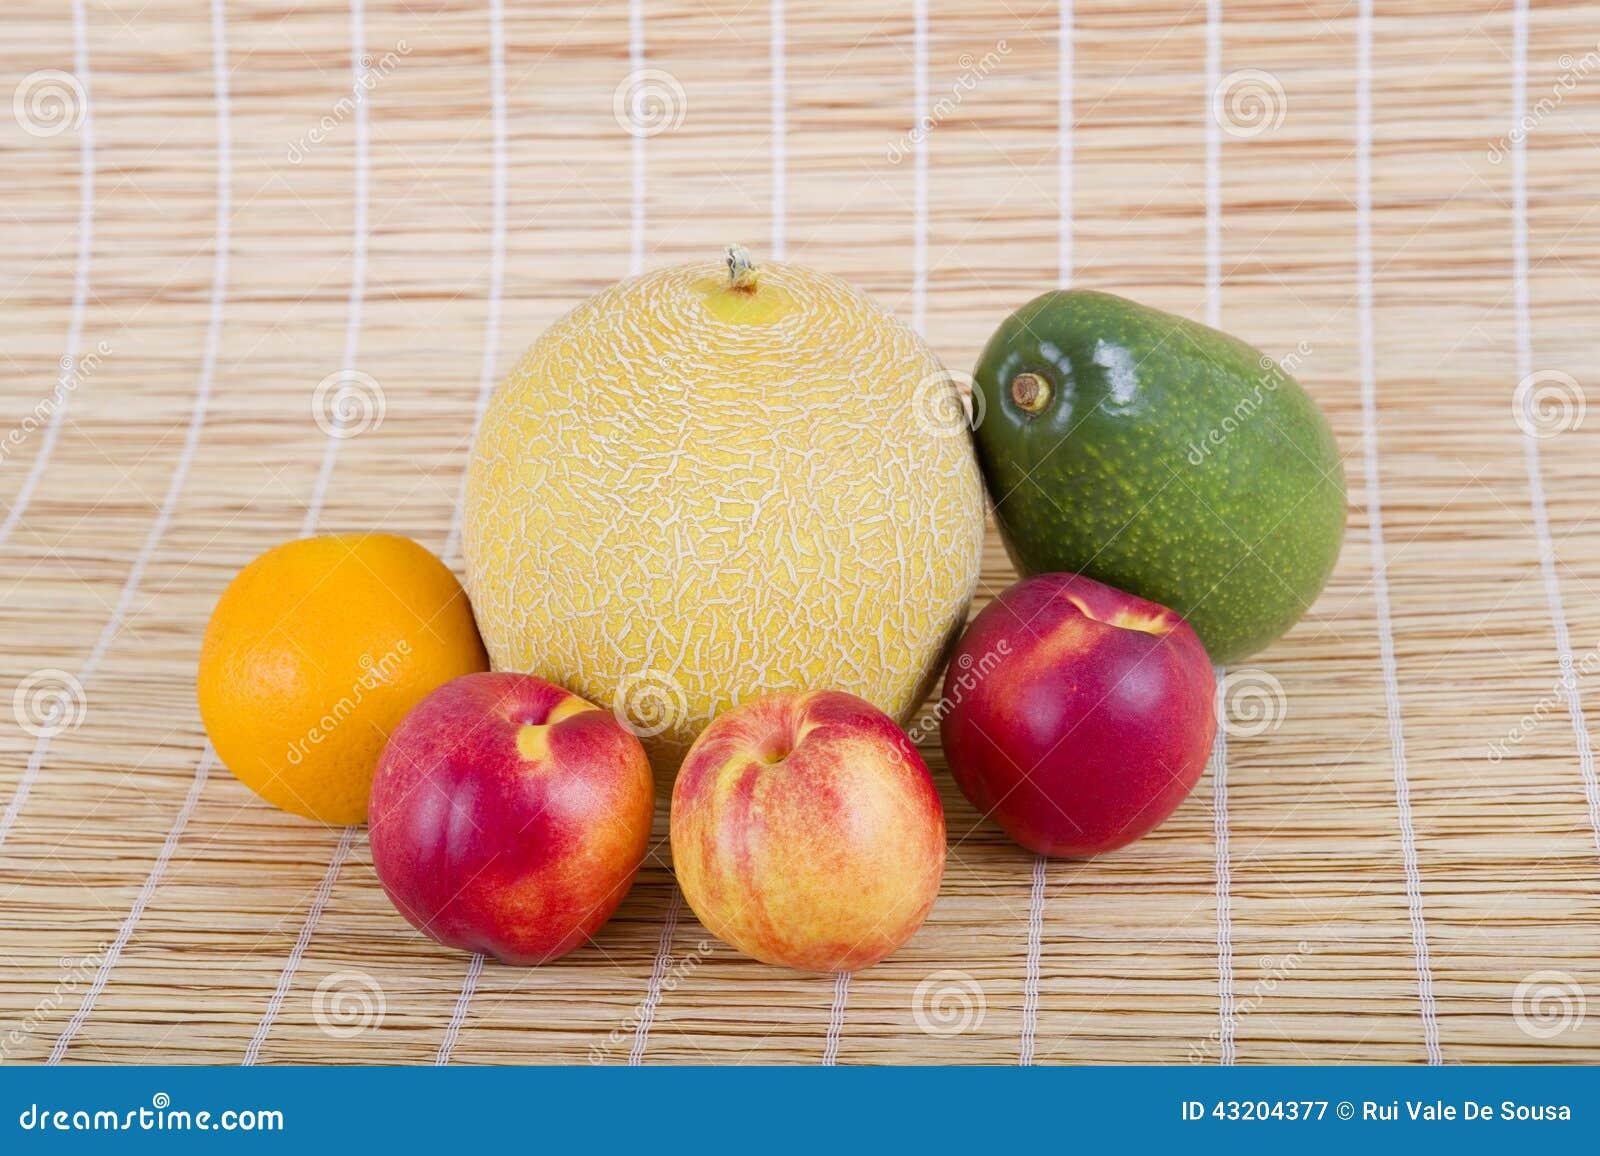 Download Frukter fotografering för bildbyråer. Bild av natur, sunt - 43204377